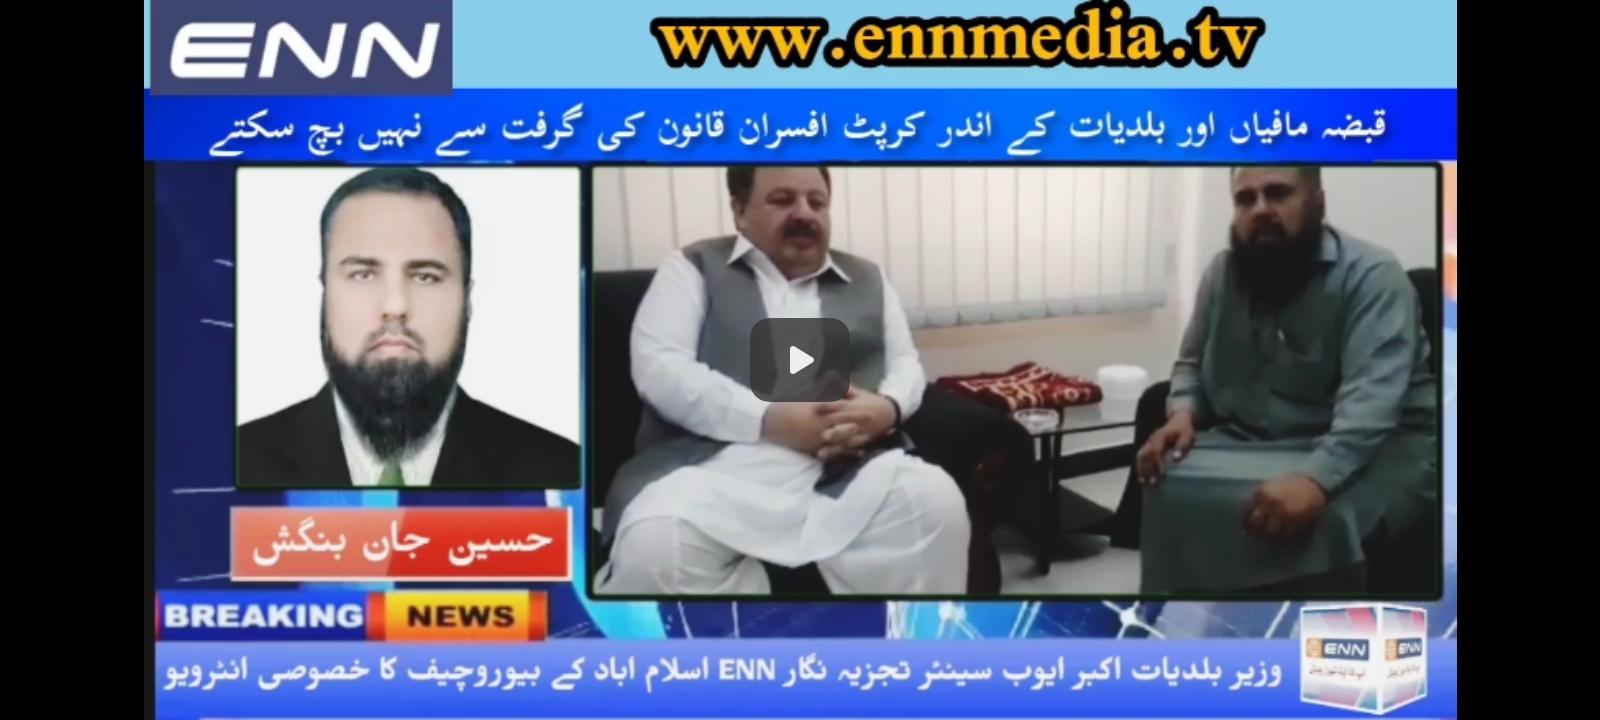 وزیر بلدیات اکبر ایوب سینئر تجزیہ نگار ENN اسلام اباد کے بیوروچیف کا خصوصی انٹرویو